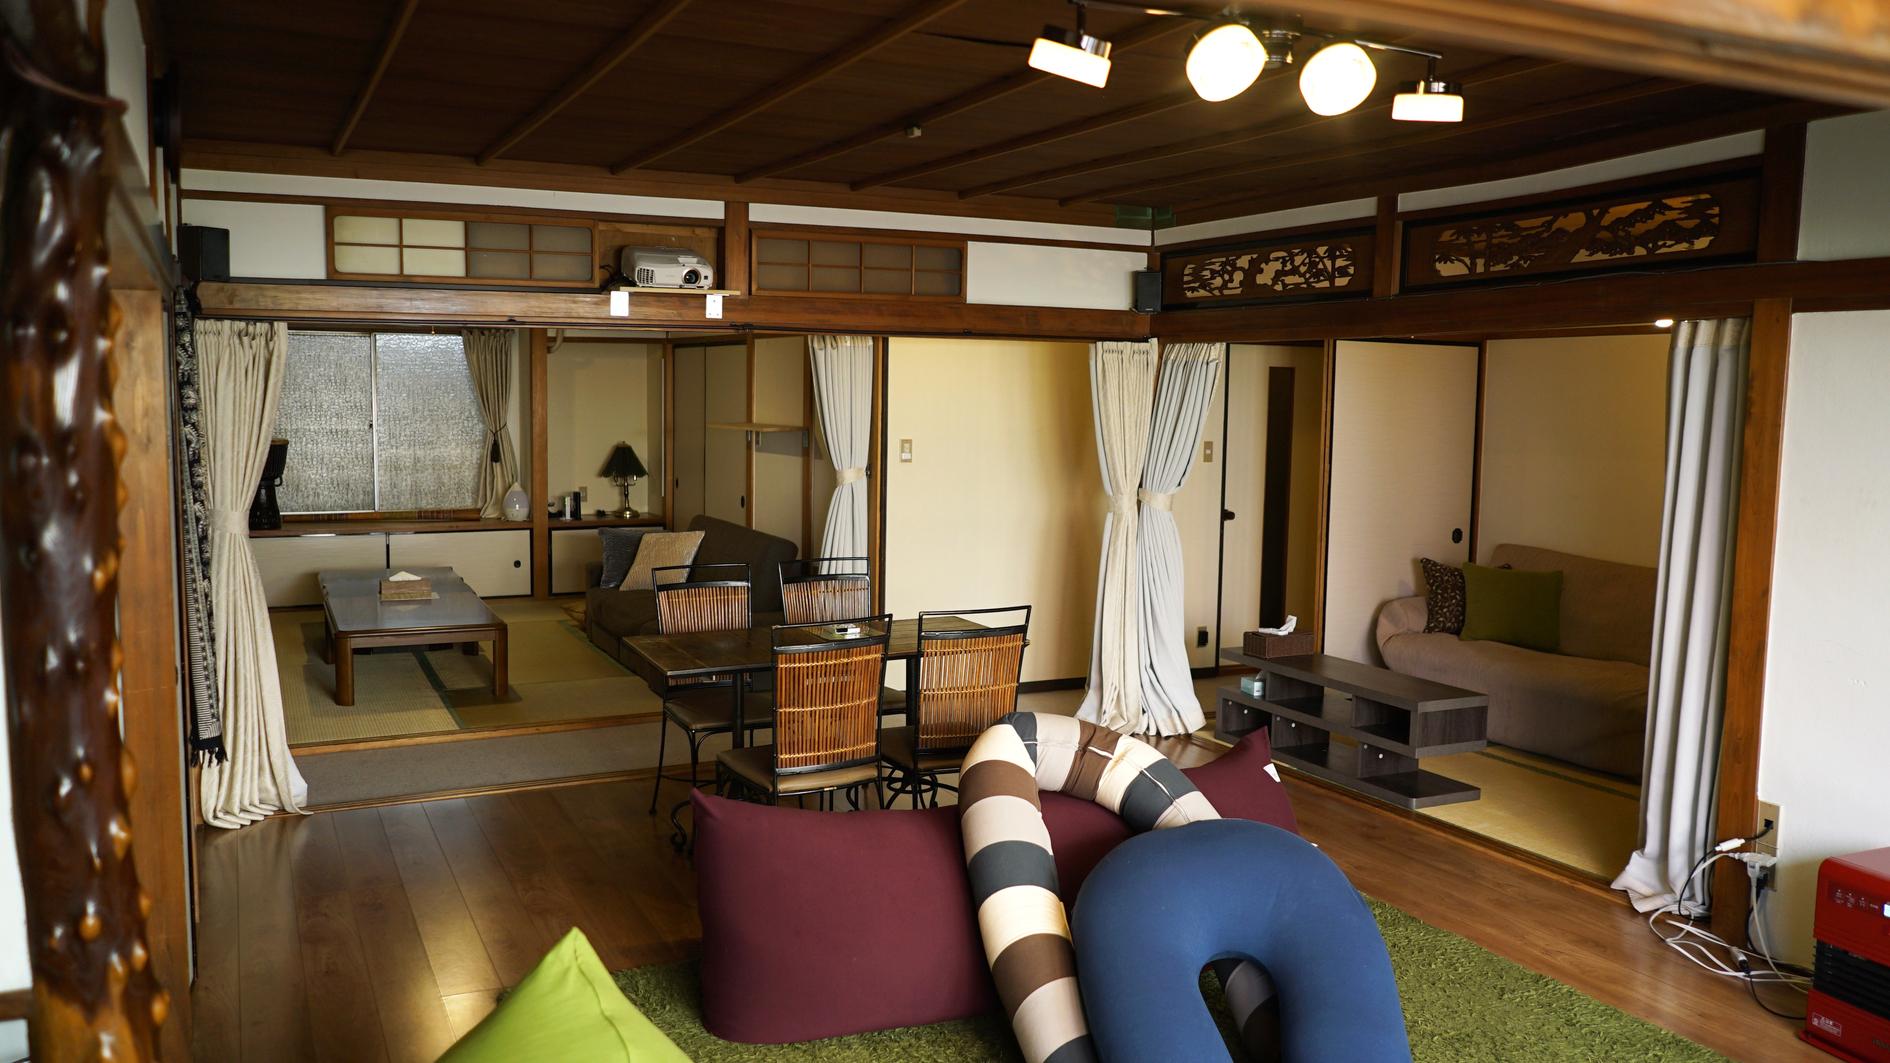 天王寺近く和風モダン 広々一軒家まるごと使ってハウスパーティ の写真